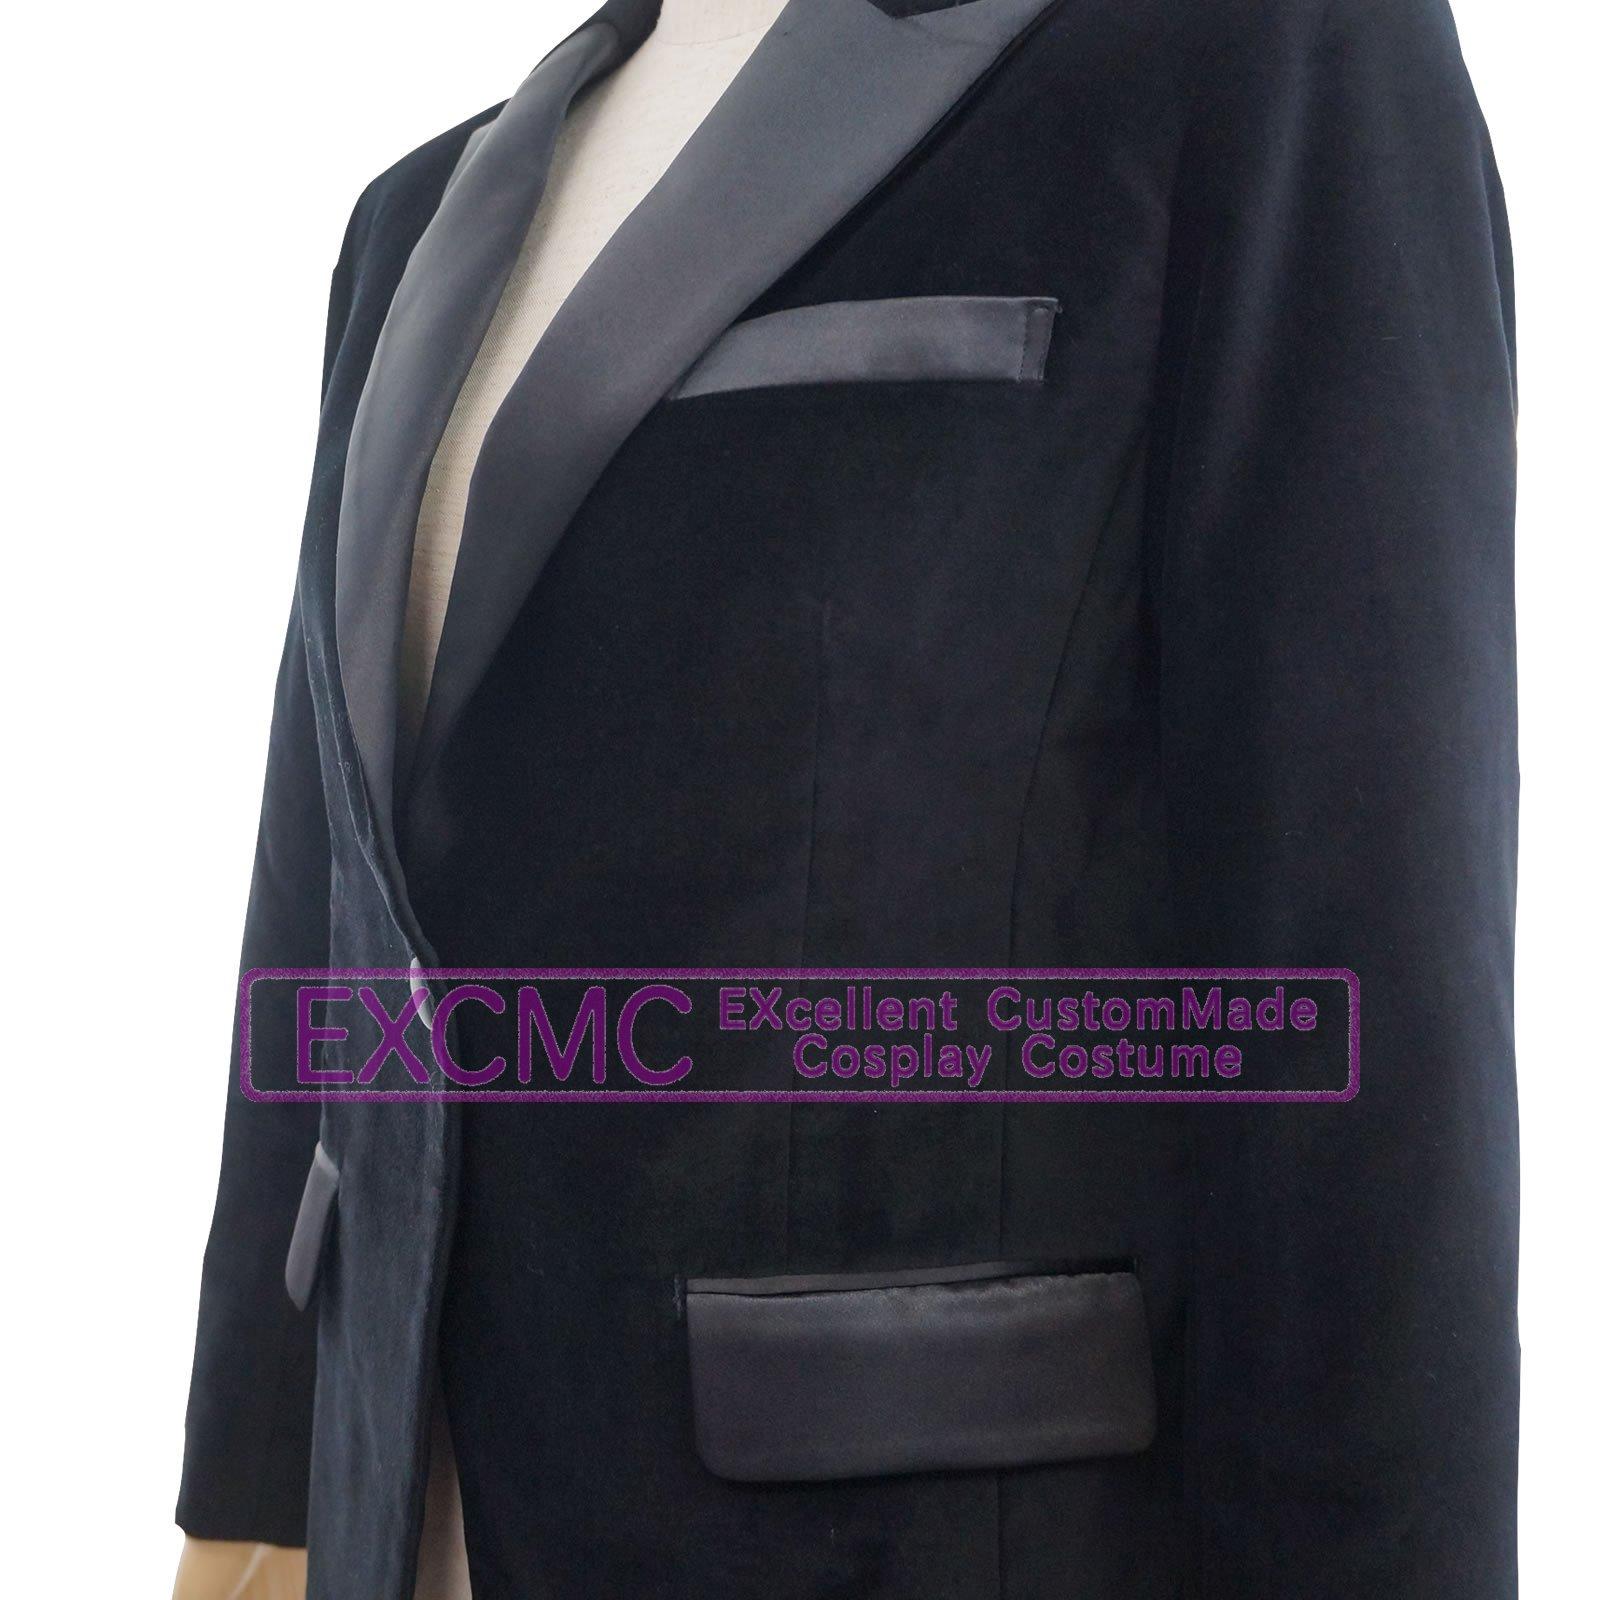 007 カジノ・ロワイヤル ル・シッフル 風 コスプレ衣装5